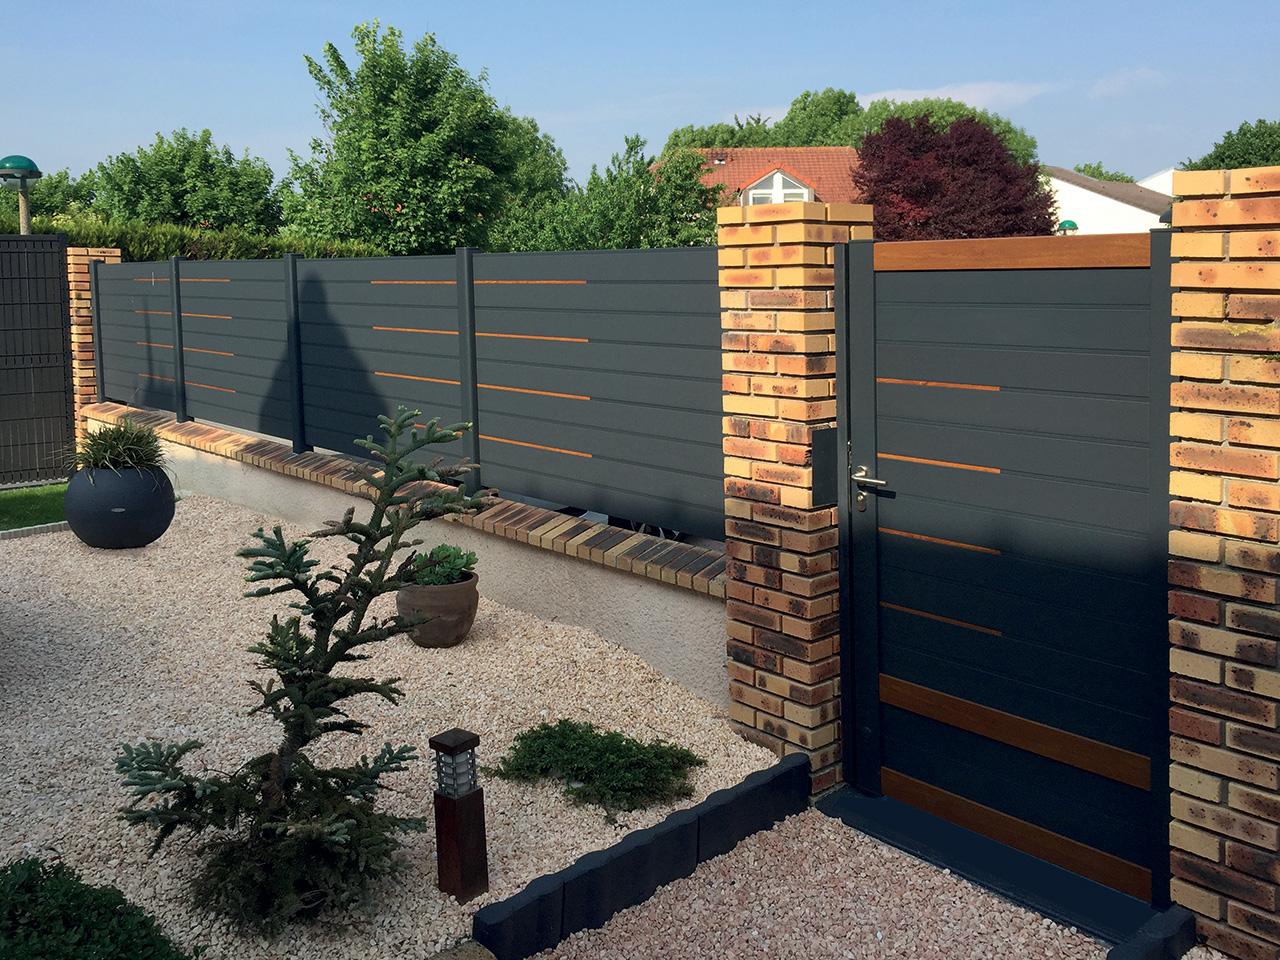 Cofreco, c'est plus de 90 ans de savoir-faire dans la fabrication de portails et de clôtures au service des professionnels.